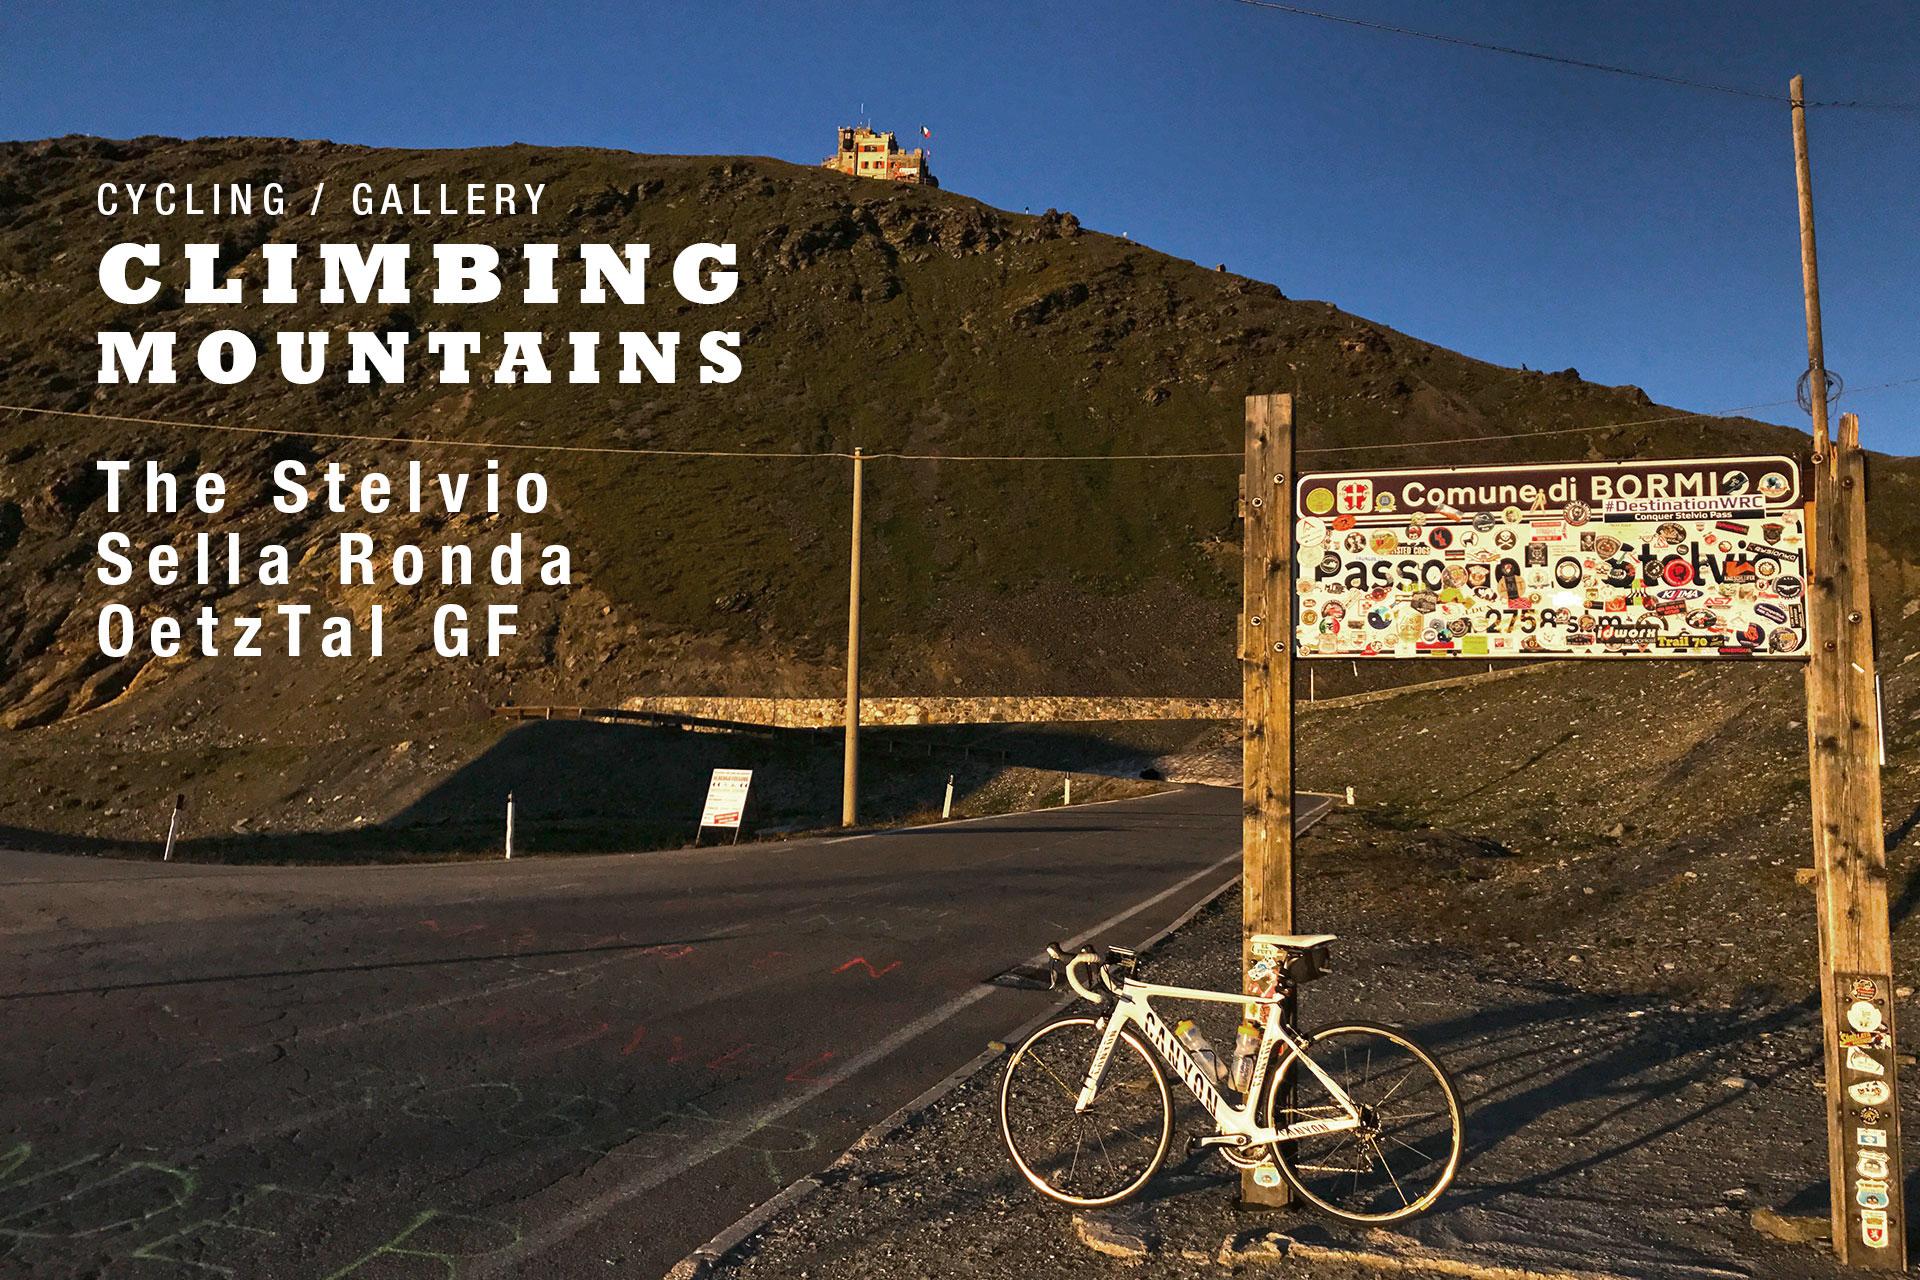 CLIMBING MOUNTAINS Alpenlegenden - Stelvio, Sella Ronda, Timmelsjoch, Oetztal GF / Stelvio Titelbild © Stefan Drexl